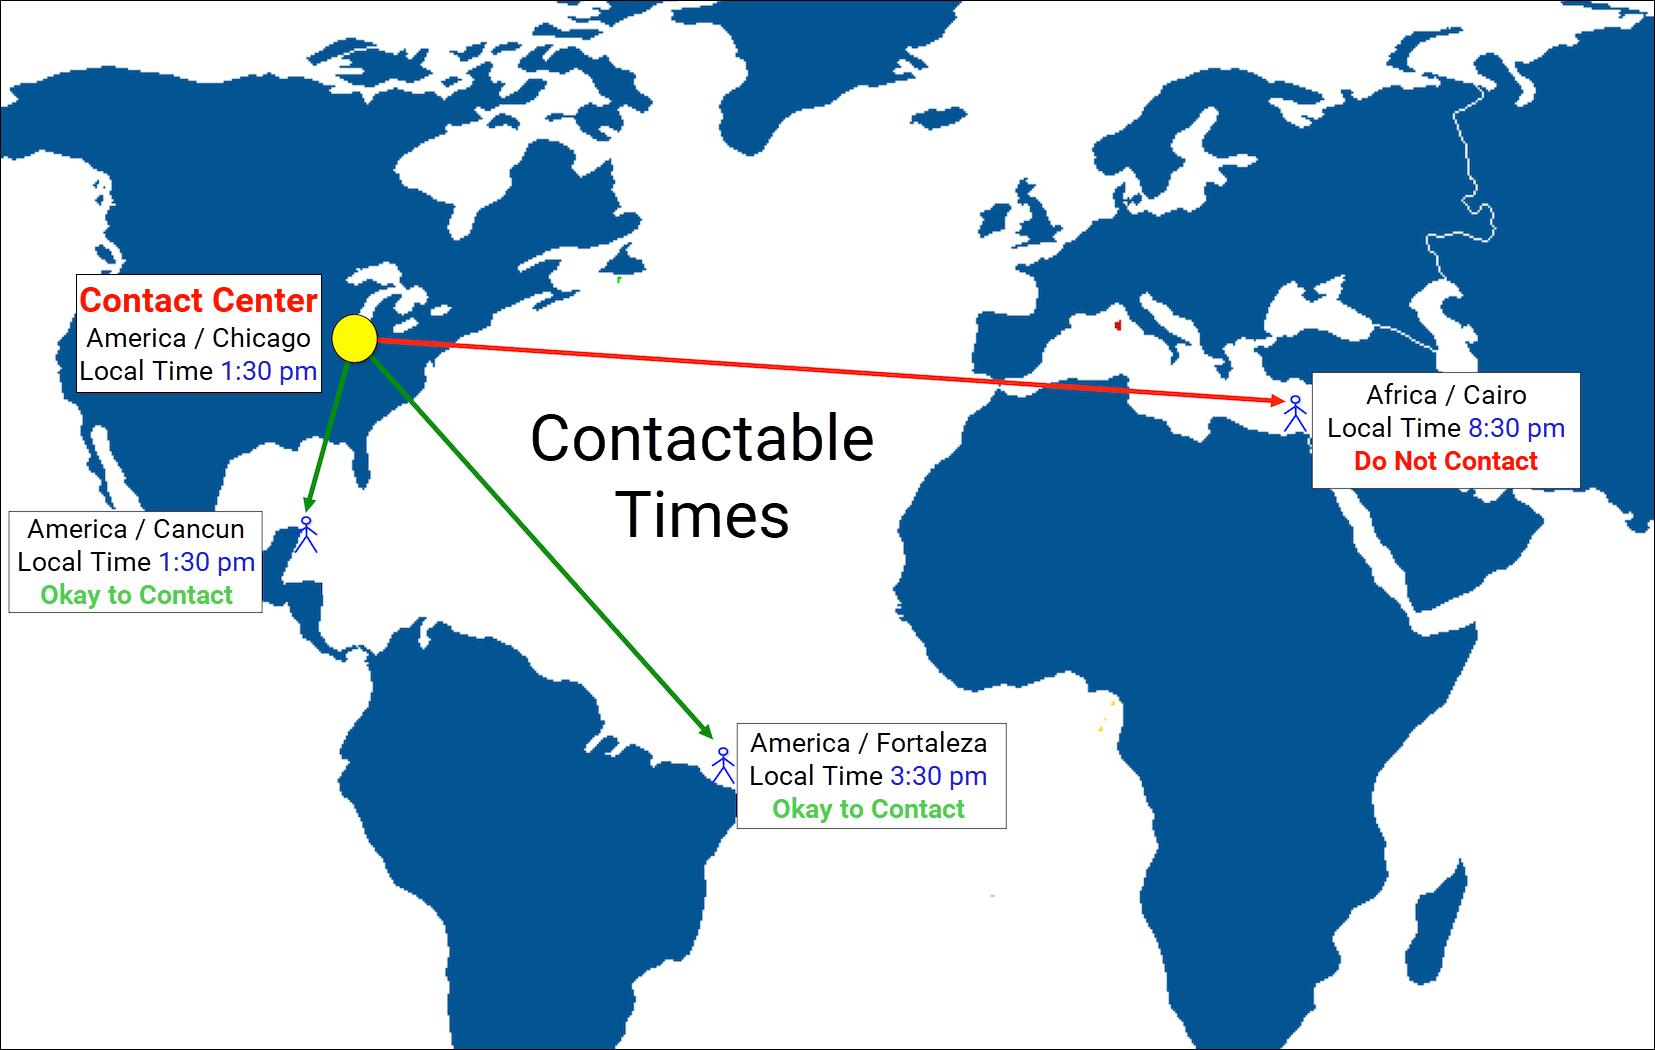 図は、コール可能な時間の世界地図を示しています